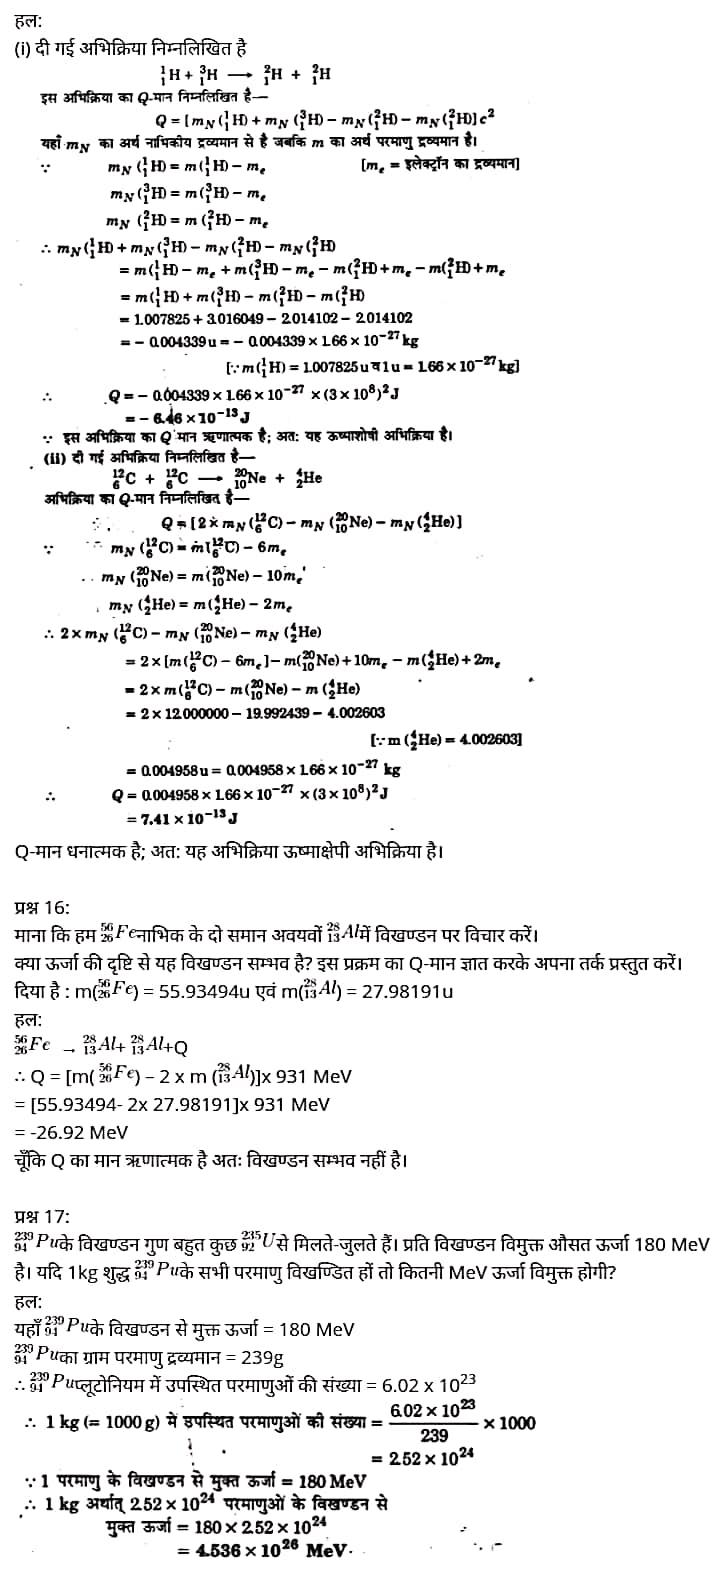 """""""Class 12 Physics Chapter 13"""", """"Nuclei"""", """"(नाभिक)"""",  भौतिक विज्ञान कक्षा 12 नोट्स pdf,  भौतिक विज्ञान कक्षा 12 नोट्स 2021 NCERT,  भौतिक विज्ञान कक्षा 12 PDF,  भौतिक विज्ञान पुस्तक,  भौतिक विज्ञान की बुक,  भौतिक विज्ञान प्रश्नोत्तरी Class 12, 12 वीं भौतिक विज्ञान पुस्तक up board,  बिहार बोर्ड 12 वीं भौतिक विज्ञान नोट्स,   12th Physics book in hindi,12th Physics notes in hindi,cbse books for class 12,cbse books in hindi,cbse ncert books,class 12 Physics notes in hindi,class 12 hindi ncert solutions,Physics 2020,Physics 2021,Maths 2022,Physics book class 12,Physics book in hindi,Physics class 12 in hindi,Physics notes for class 12 up board in hindi,ncert all books,ncert app in hindi,ncert book solution,ncert books class 10,ncert books class 12,ncert books for class 7,ncert books for upsc in hindi,ncert books in hindi class 10,ncert books in hindi for class 12 Physics,ncert books in hindi for class 6,ncert books in hindi pdf,ncert class 12 hindi book,ncert english book,ncert Physics book in hindi,ncert Physics books in hindi pdf,ncert Physics class 12,ncert in hindi,old ncert books in hindi,online ncert books in hindi,up board 12th,up board 12th syllabus,up board class 10 hindi book,up board class 12 books,up board class 12 new syllabus,up Board Maths 2020,up Board Maths 2021,up Board Maths 2022,up Board Maths 2023,up board intermediate Physics syllabus,up board intermediate syllabus 2021,Up board Master 2021,up board model paper 2021,up board model paper all subject,up board new syllabus of class 12th Physics,up board paper 2021,Up board syllabus 2021,UP board syllabus 2022,  12 वीं भौतिक विज्ञान पुस्तक हिंदी में, 12 वीं भौतिक विज्ञान नोट्स हिंदी में, कक्षा 12 के लिए सीबीएससी पुस्तकें, हिंदी में सीबीएससी पुस्तकें, सीबीएससी  पुस्तकें, कक्षा 12 भौतिक विज्ञान नोट्स हिंदी में, कक्षा 12 हिंदी एनसीईआरटी समाधान, भौतिक विज्ञान 2020, भौतिक विज्ञान 2021, भौतिक विज्ञान 2022, भौतिक विज्ञान  बुक क्लास 12, भौतिक विज्ञान बुक इन हिंदी, बायोलॉजी क्लास 12 हिंदी में, भौतिक विज्ञान नोट्स """